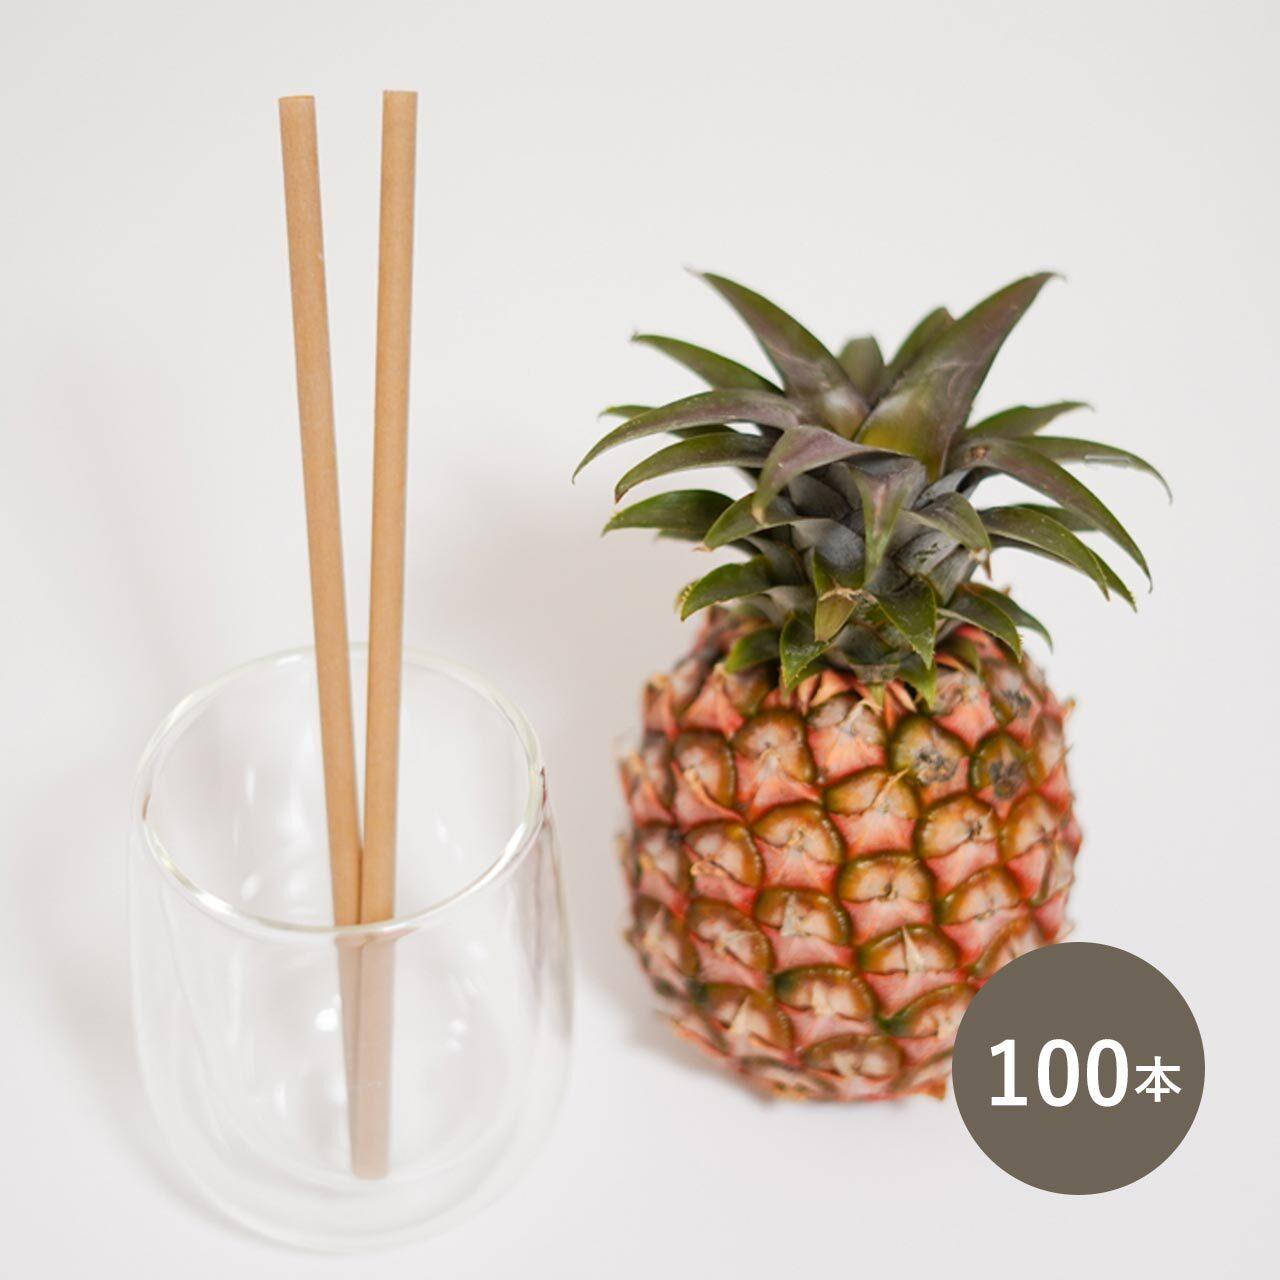 パイナップル葉繊維ストロー 個包装  100本